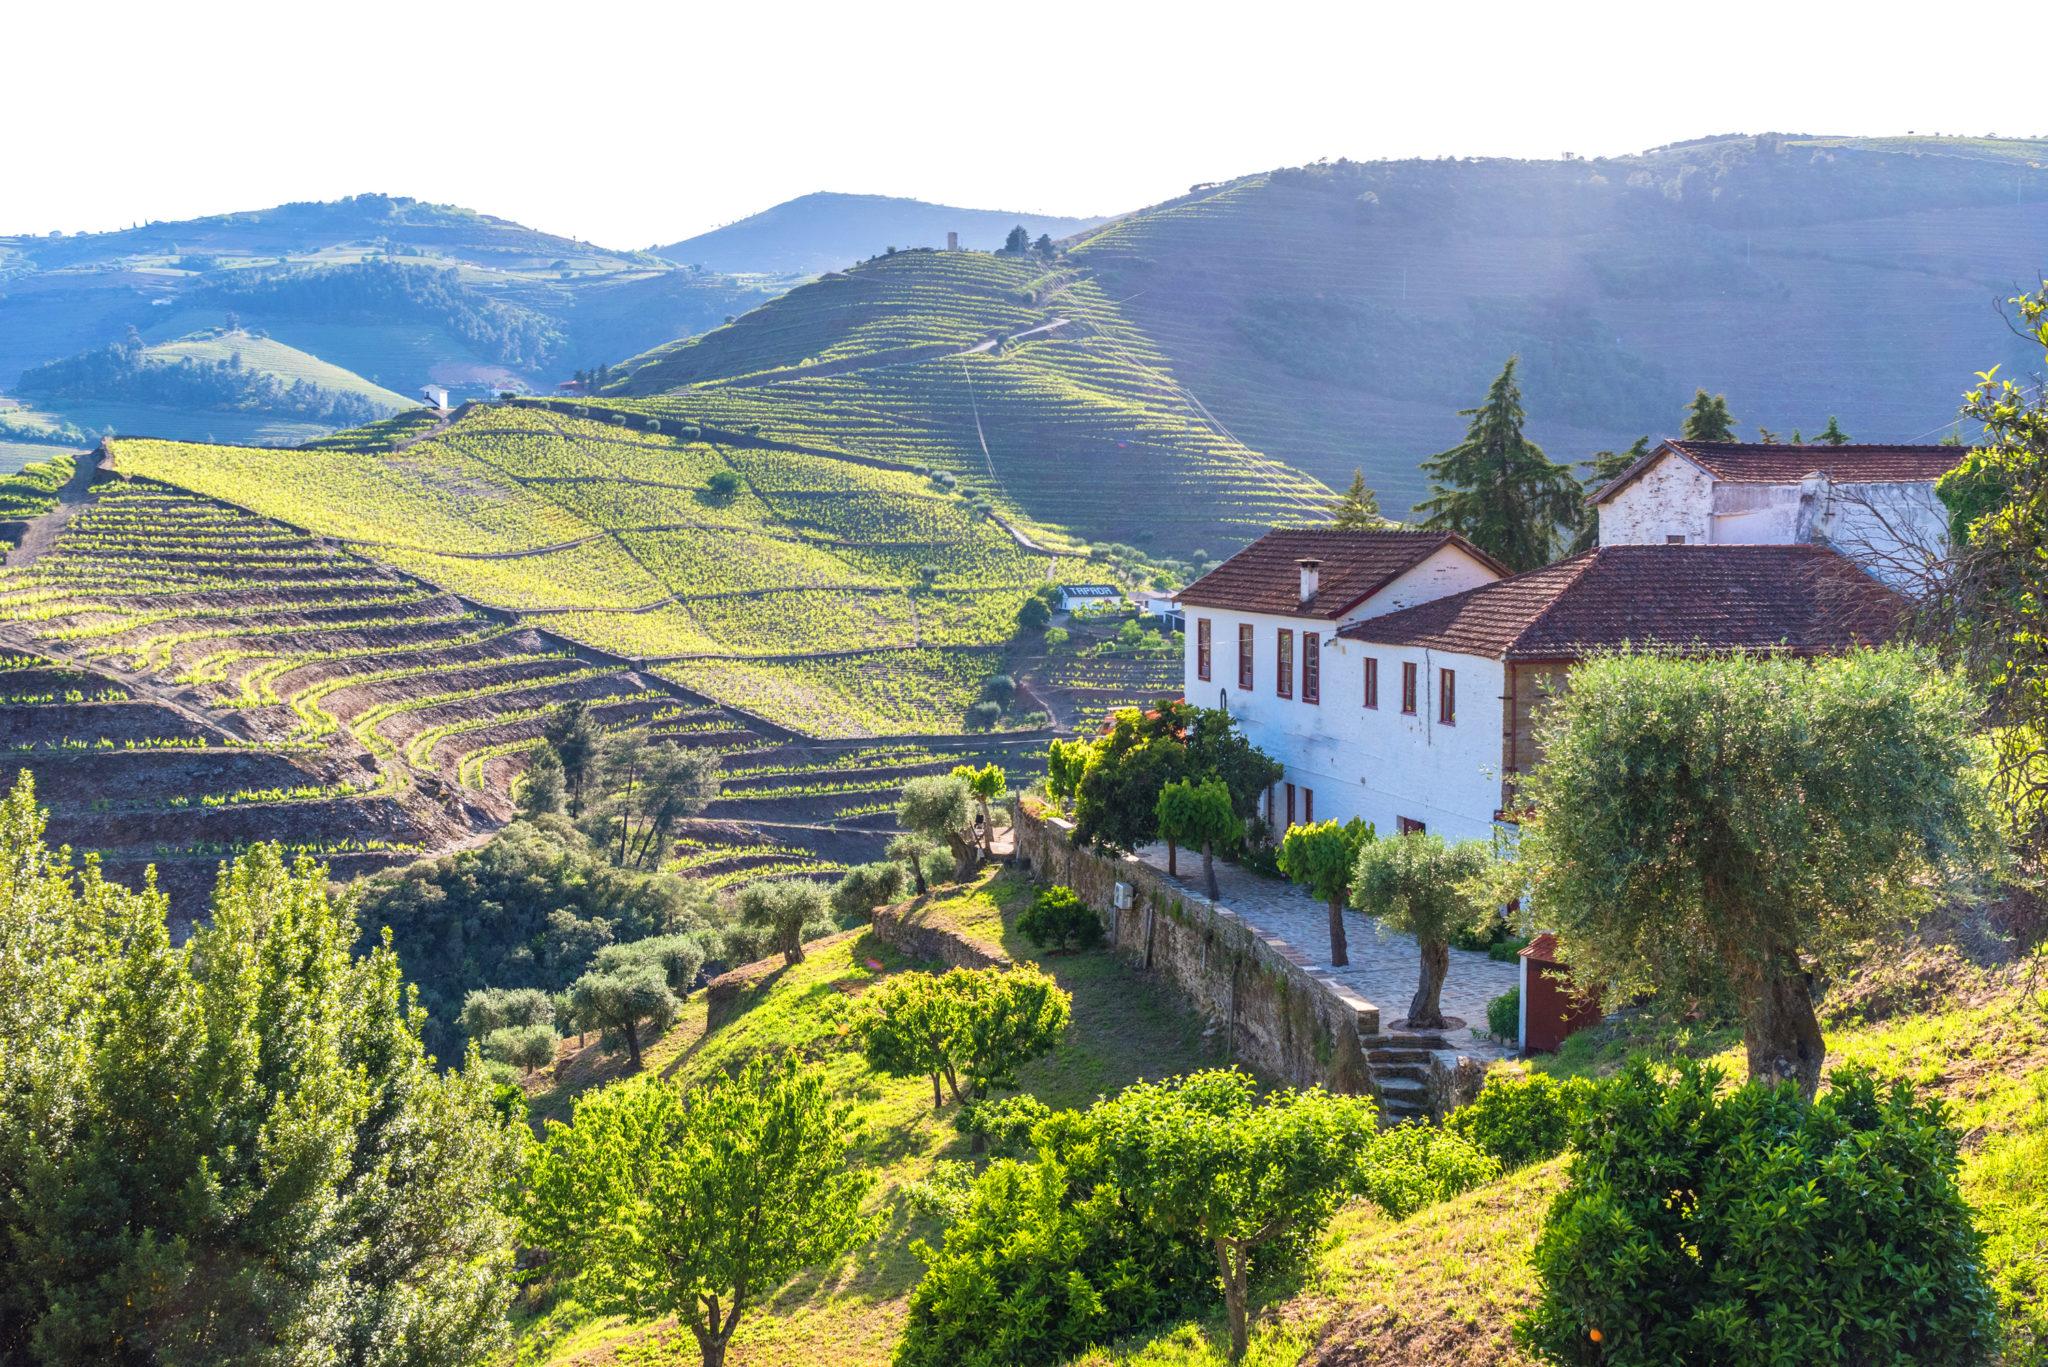 Weinreise ins Douro Tal im Norden Portugals